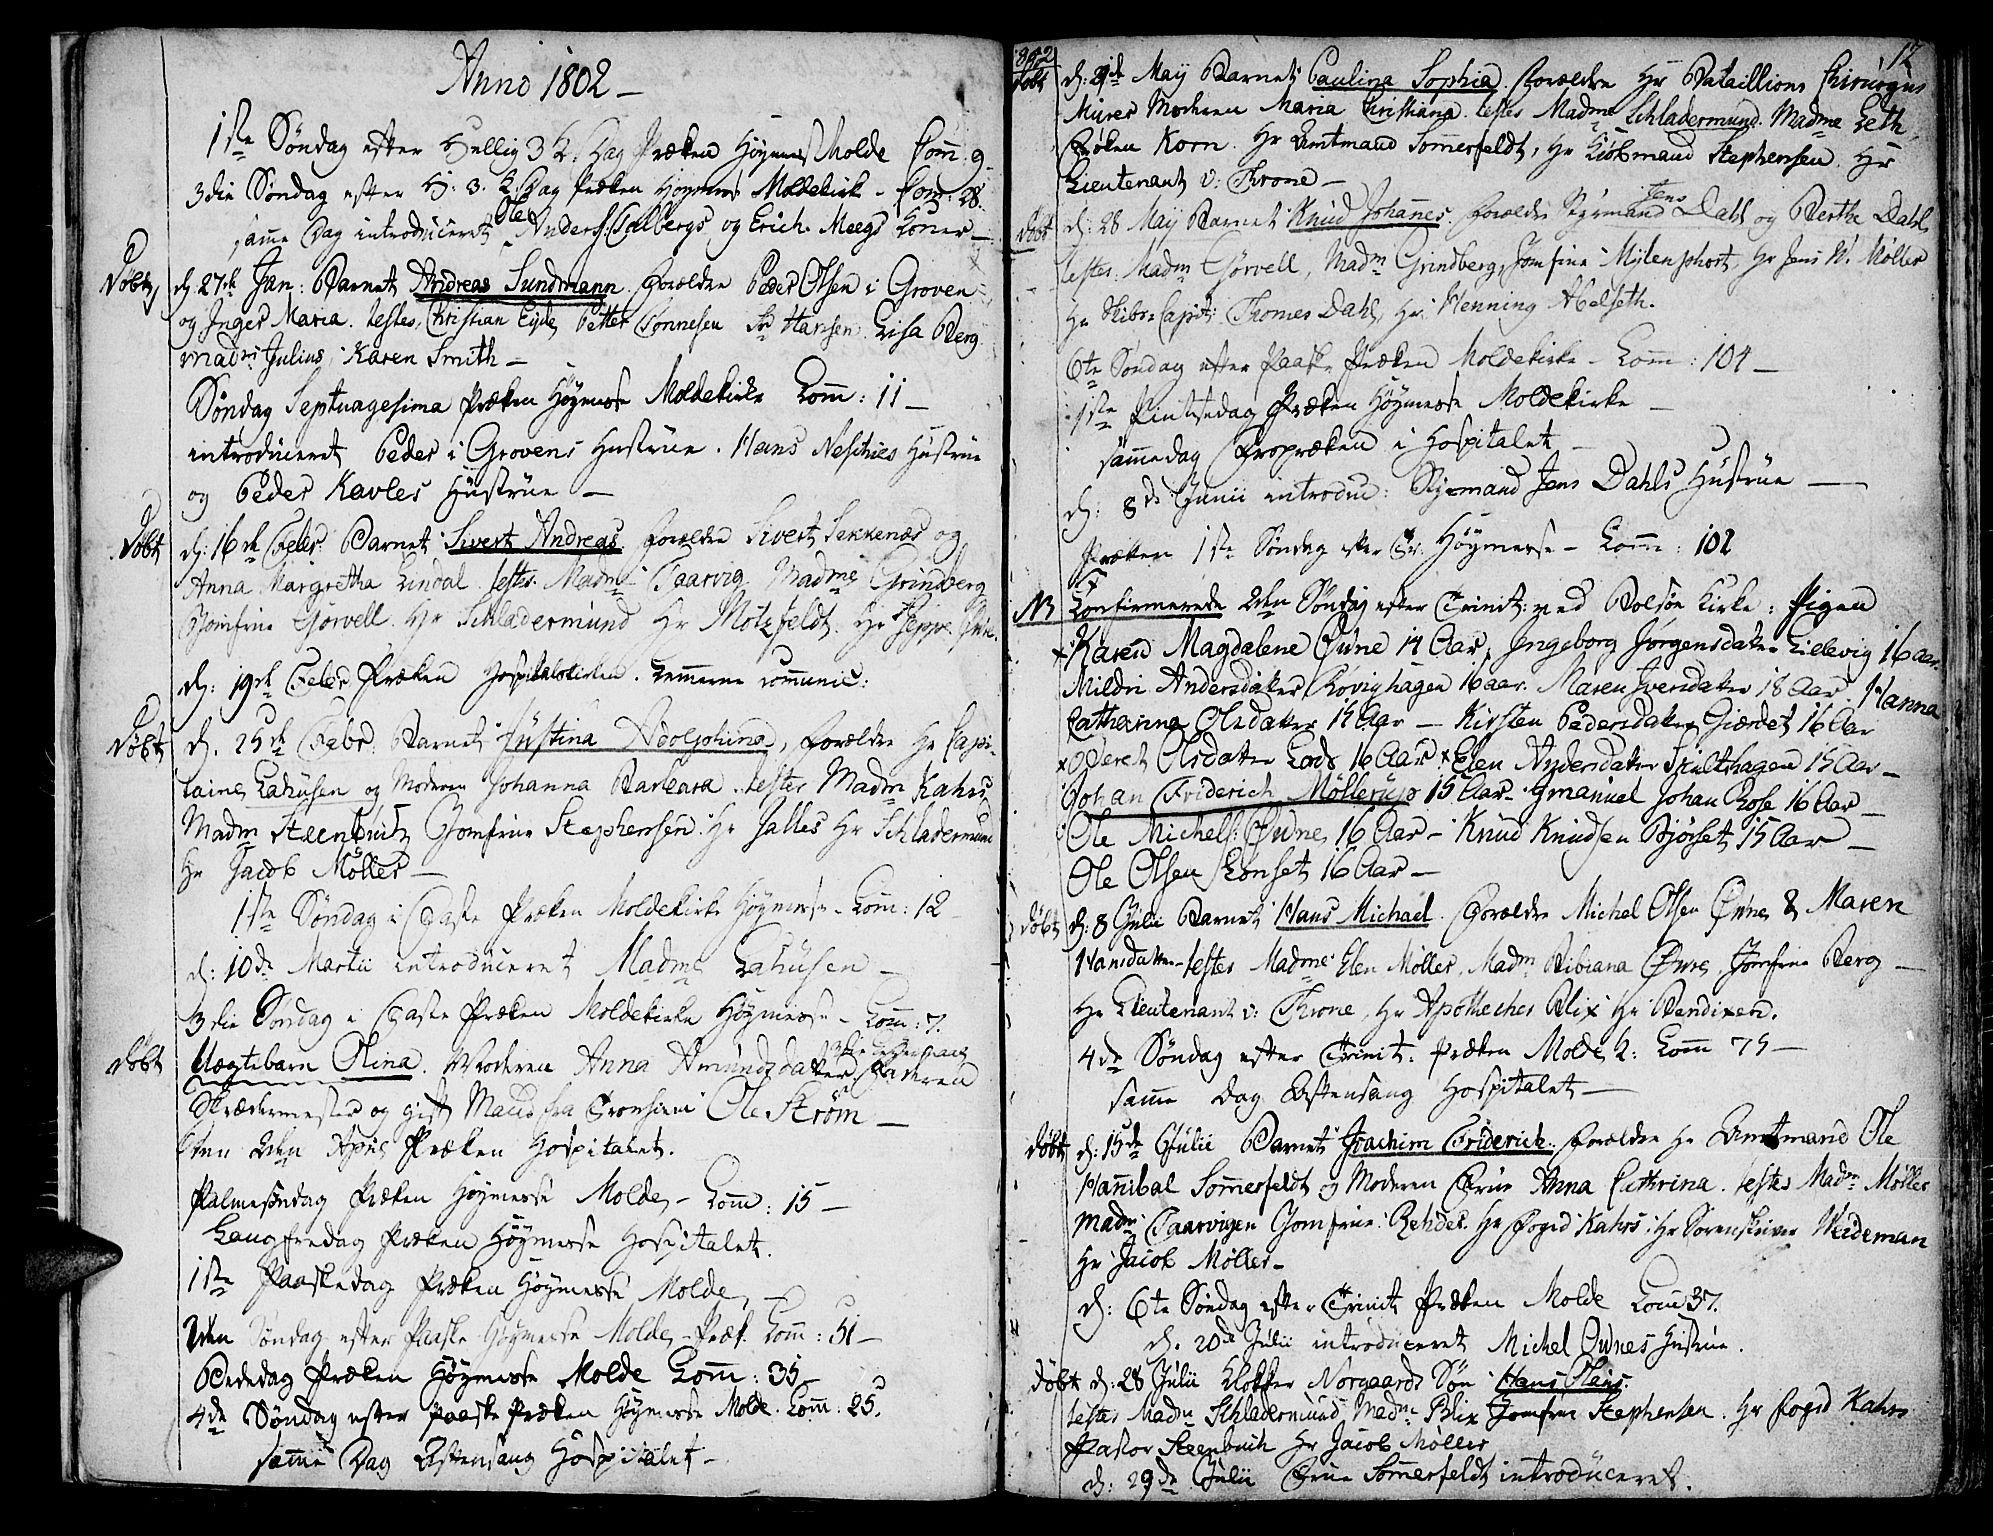 SAT, Ministerialprotokoller, klokkerbøker og fødselsregistre - Møre og Romsdal, 558/L0687: Ministerialbok nr. 558A01, 1798-1818, s. 12